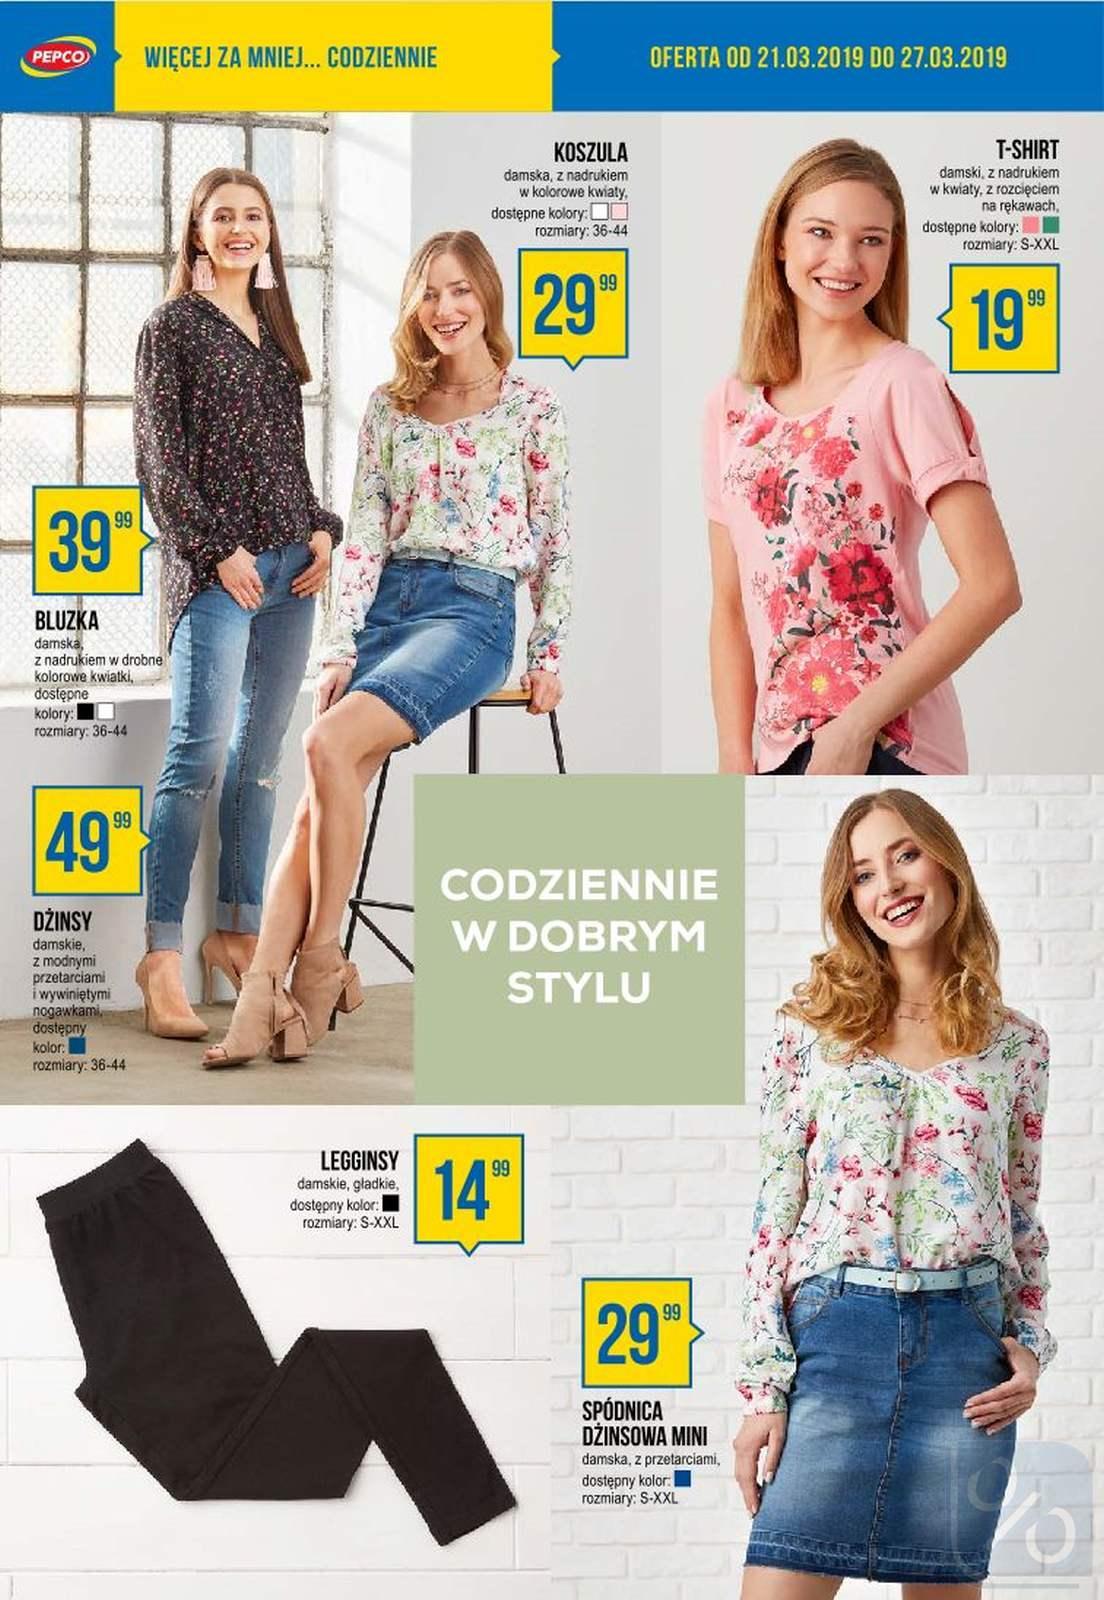 Gazetka promocyjna Pepco do 27/03/2019 str.3